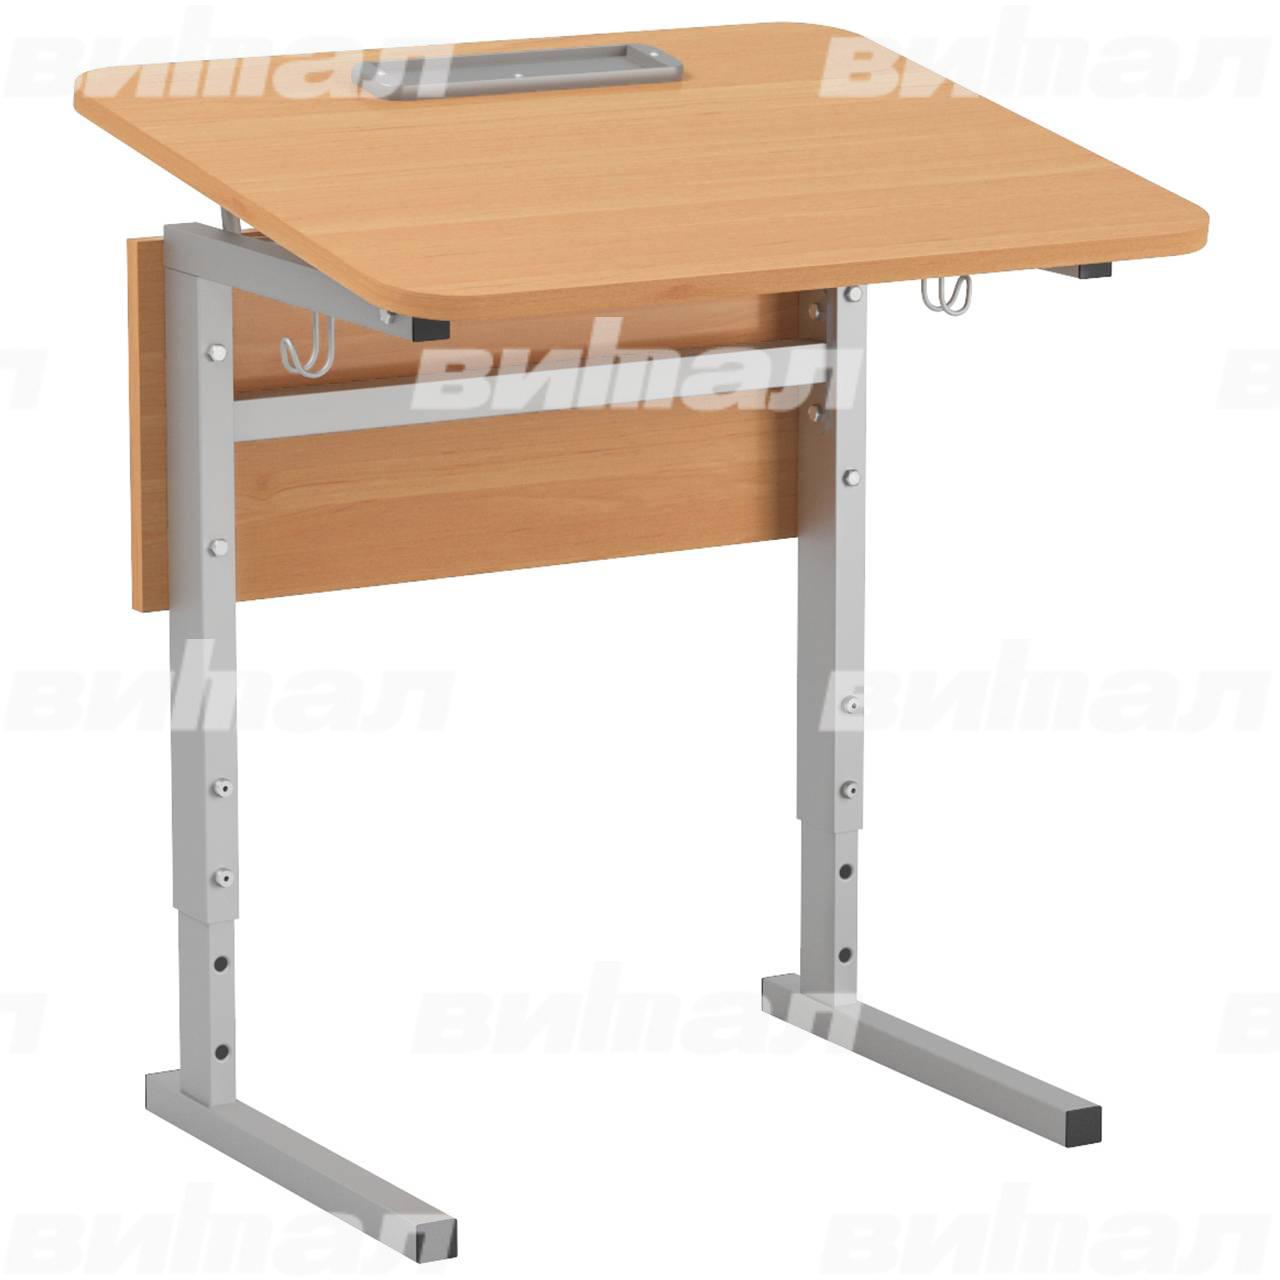 Стол 1-местный регулир. высота и наклон столешницы 0-10° (гр 2-4, 3-5 или 4-6) серый Ольха 5-7 Меламин прямоугольная